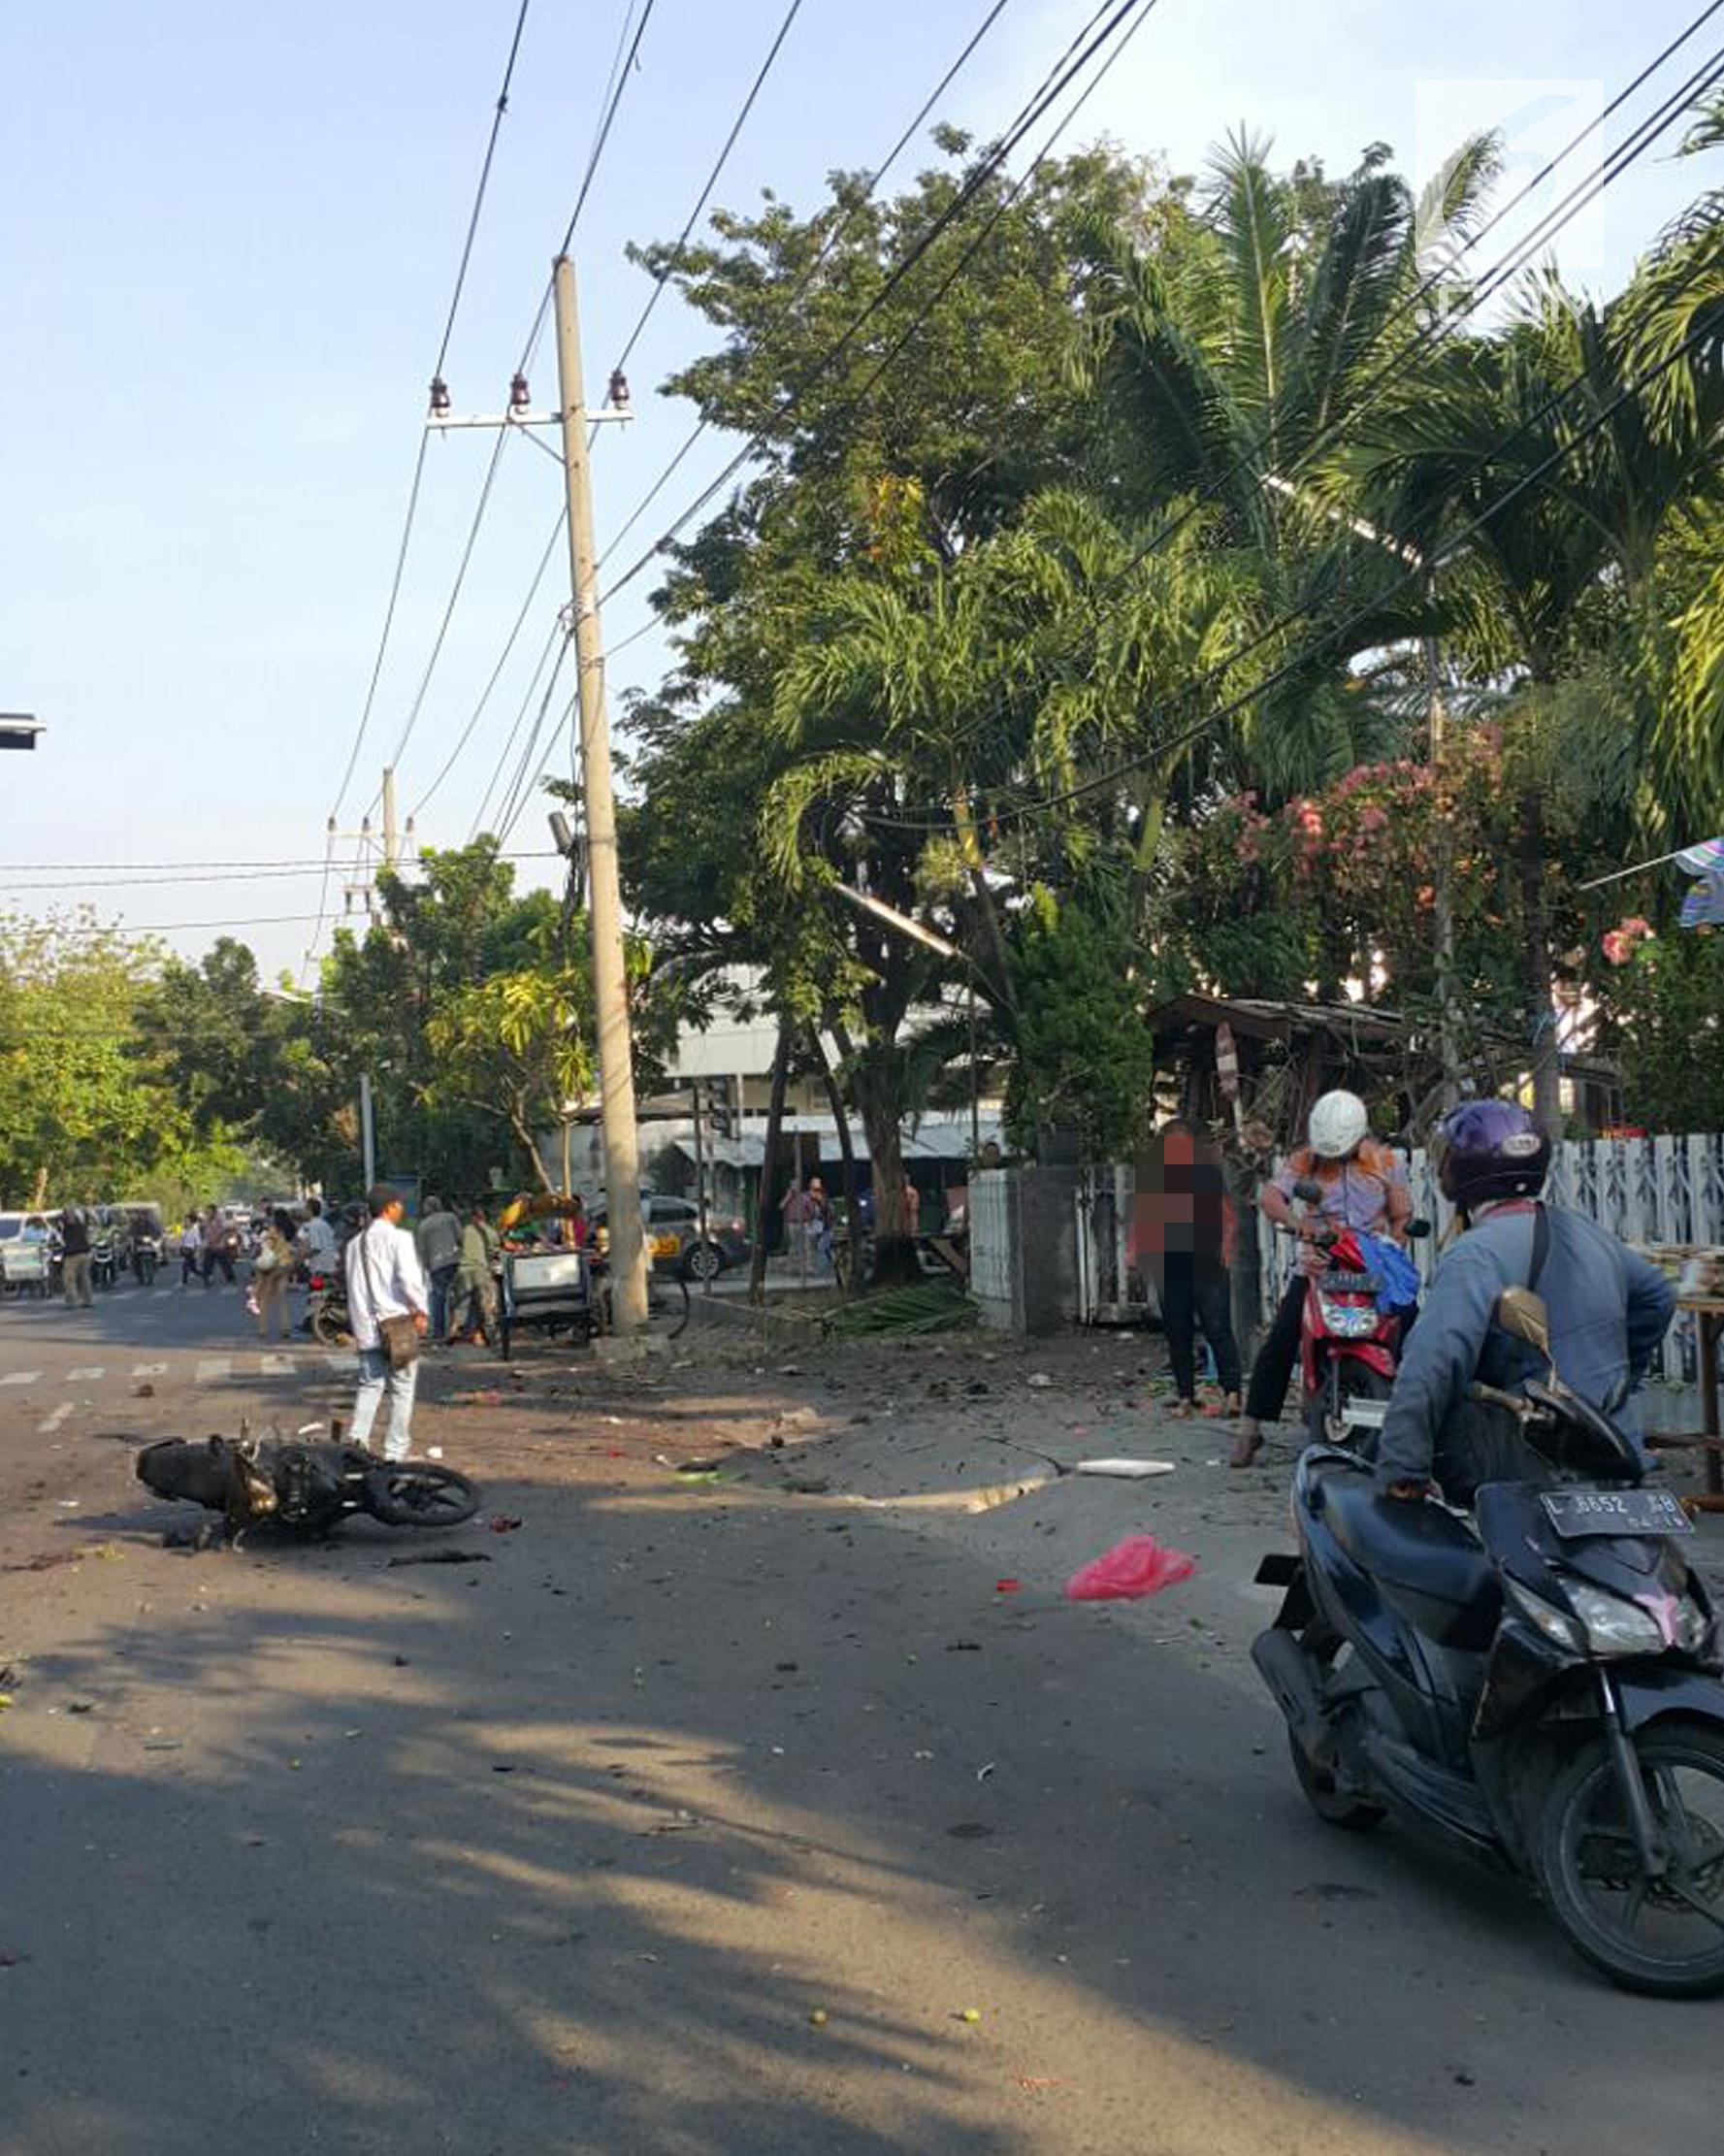 Seorang wanita menjadi korban ledakan bom di salah satu gereja di Surabaya, Minggu (12/5). Ledakan bom terjadi di tiga gereja, yaitu Gereja Santa Maria, GKI Wonokromo Diponegoro, dan Gereja di Jalan Arjuno. (Liptan6.com/Istimewa)